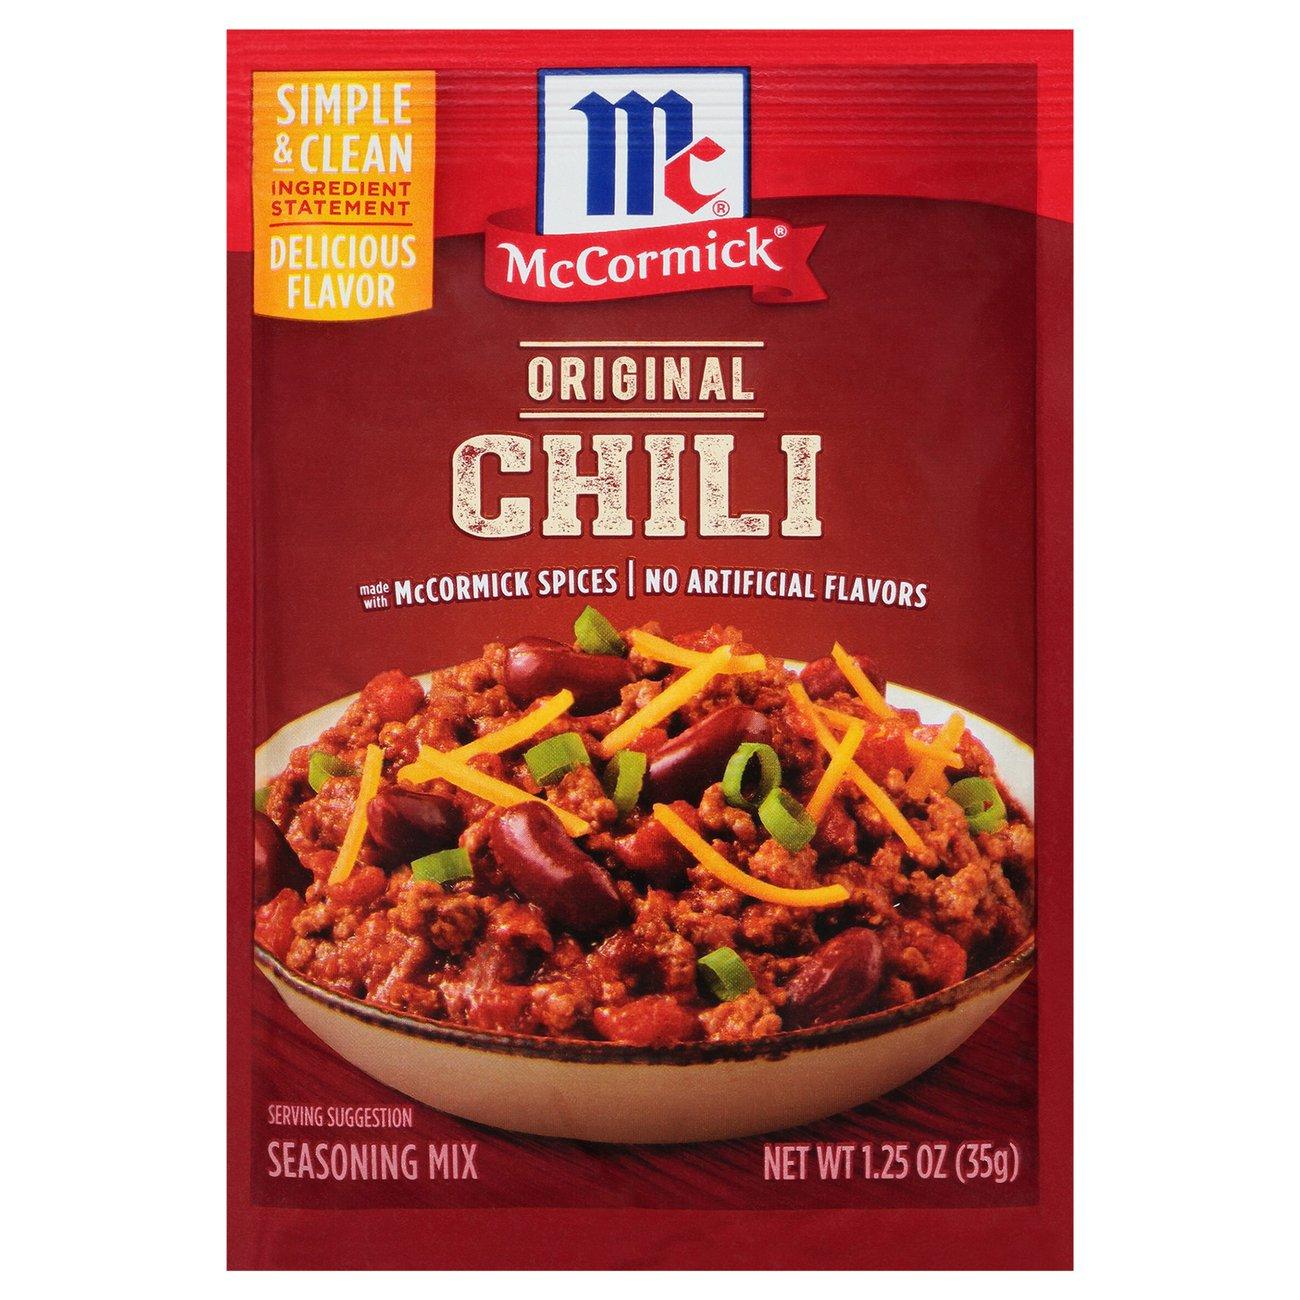 Mccormick Chili Seasoning Mix Shop Spice Mixes At H E B